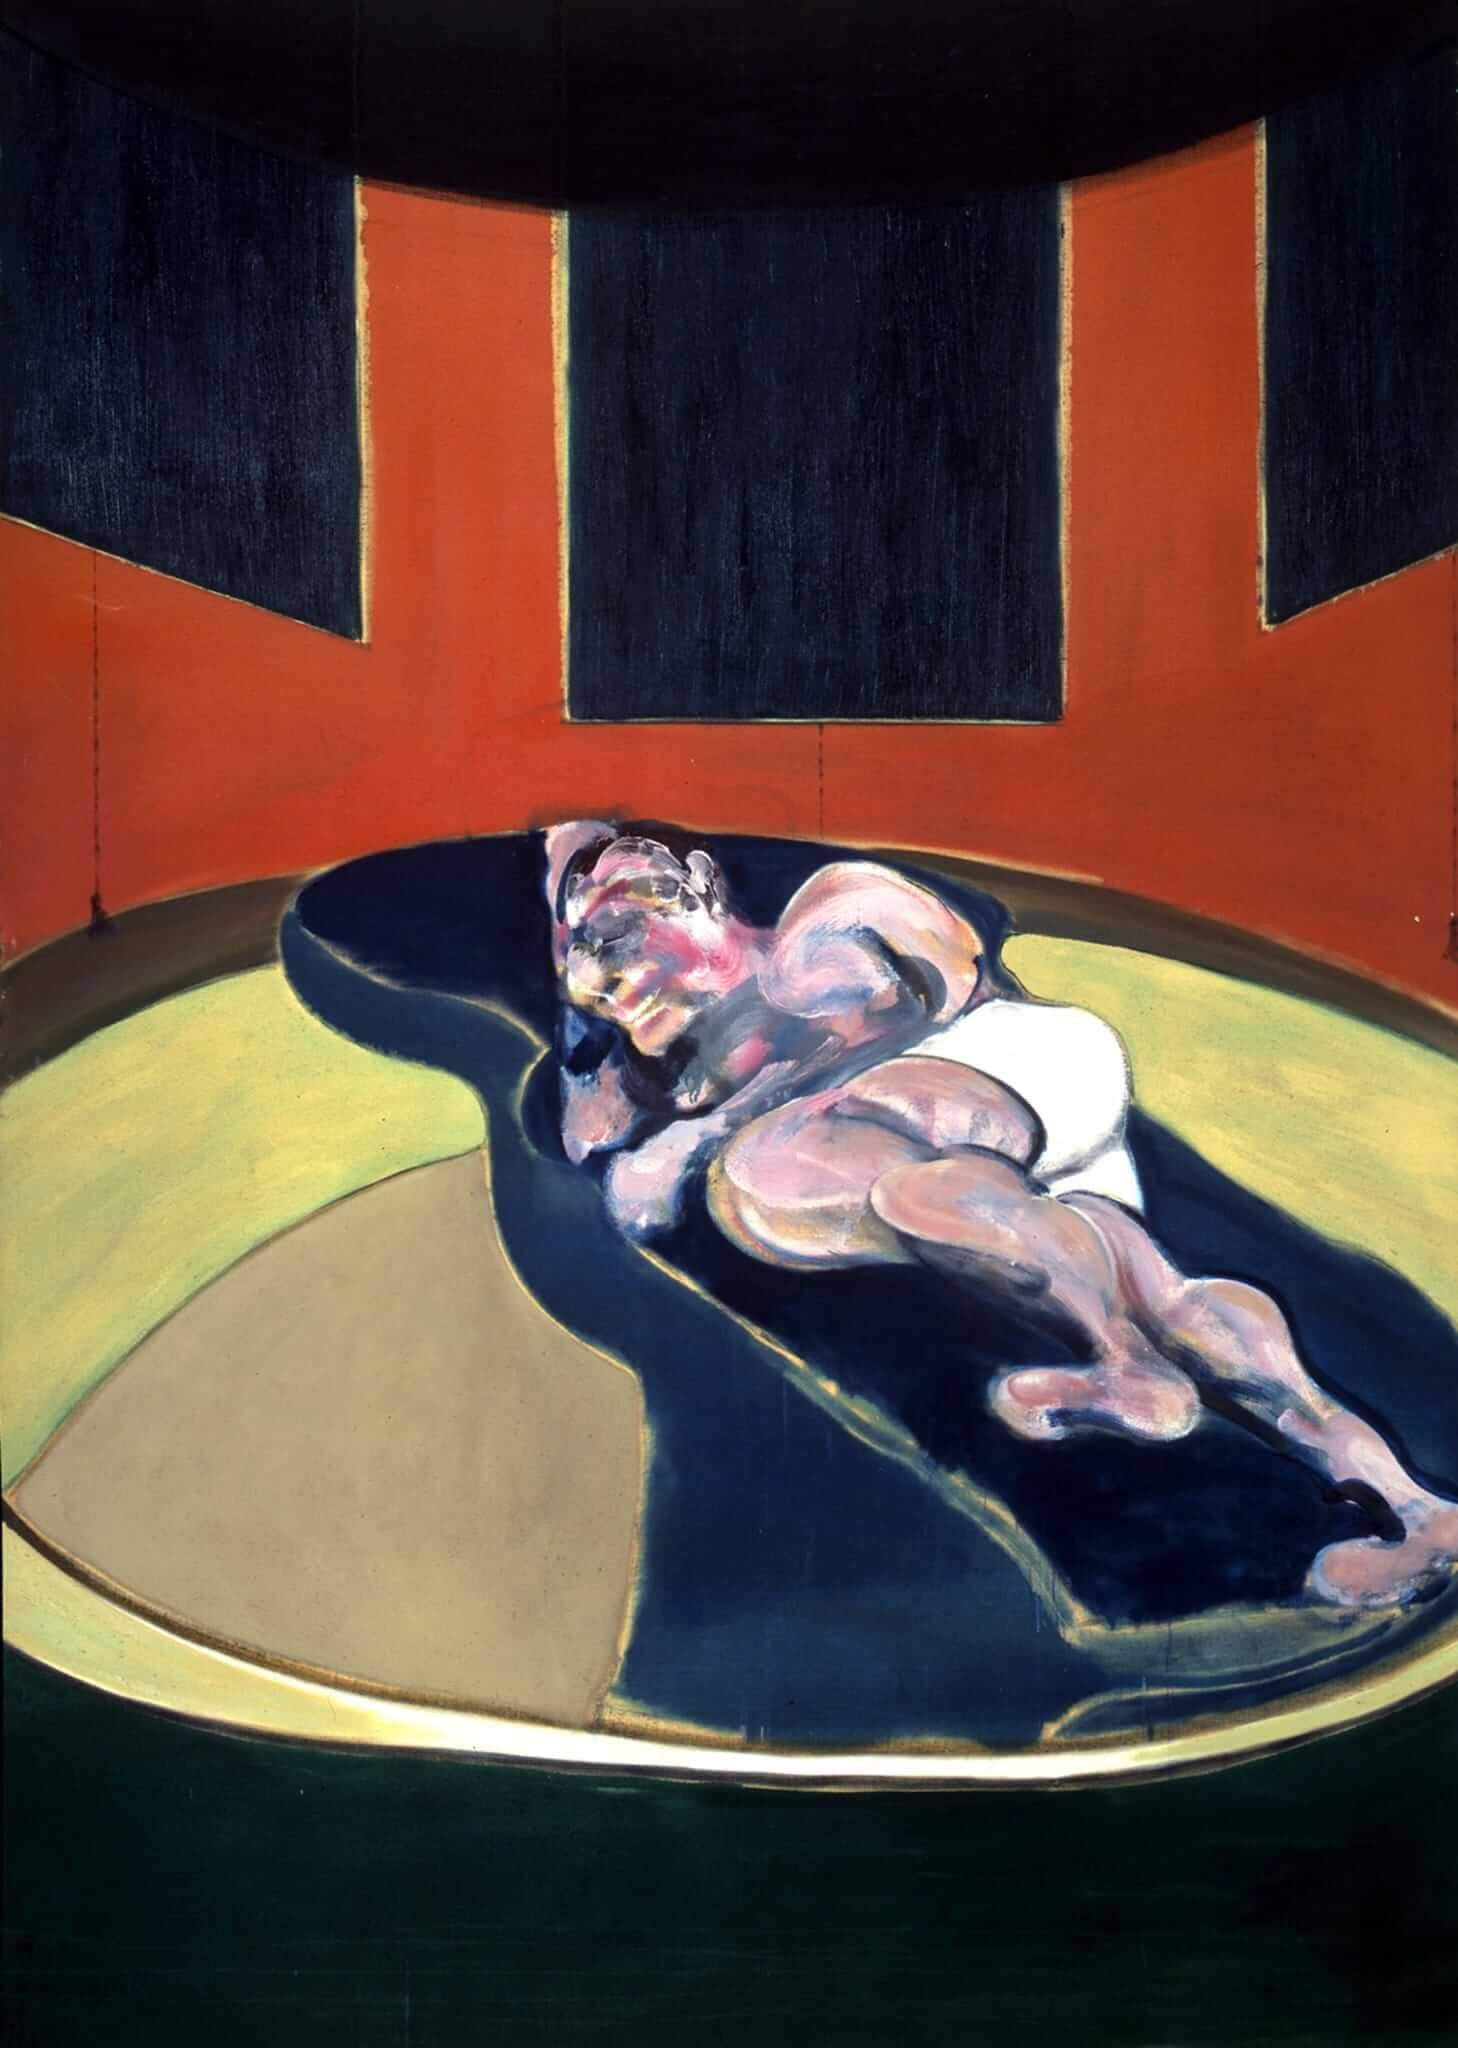 Фрэнсис Бэкон. Лежащая фигура. 1961. Источник: francis-bacon.com